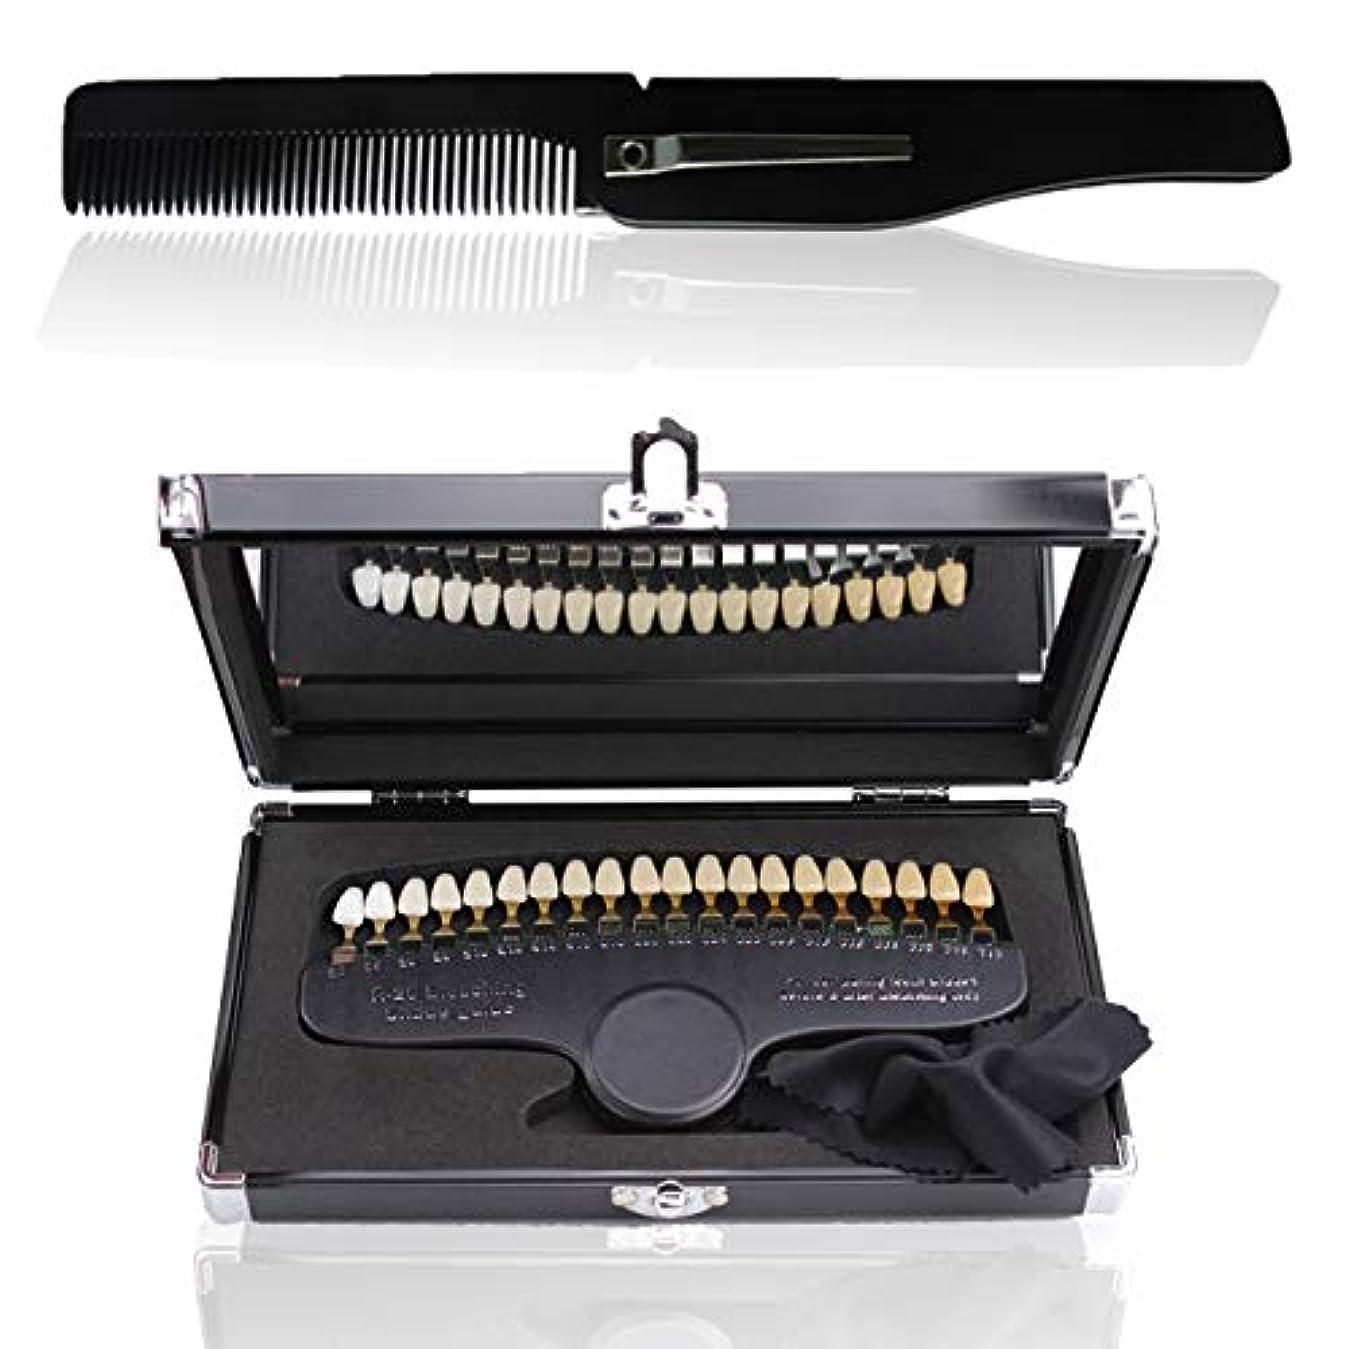 全能アイザックマークされたフェリモア 歯 シェードガイド 色見本 歯列模型 段階的 櫛付き 鏡付き 収納ケース付き 20段階 (20段階)